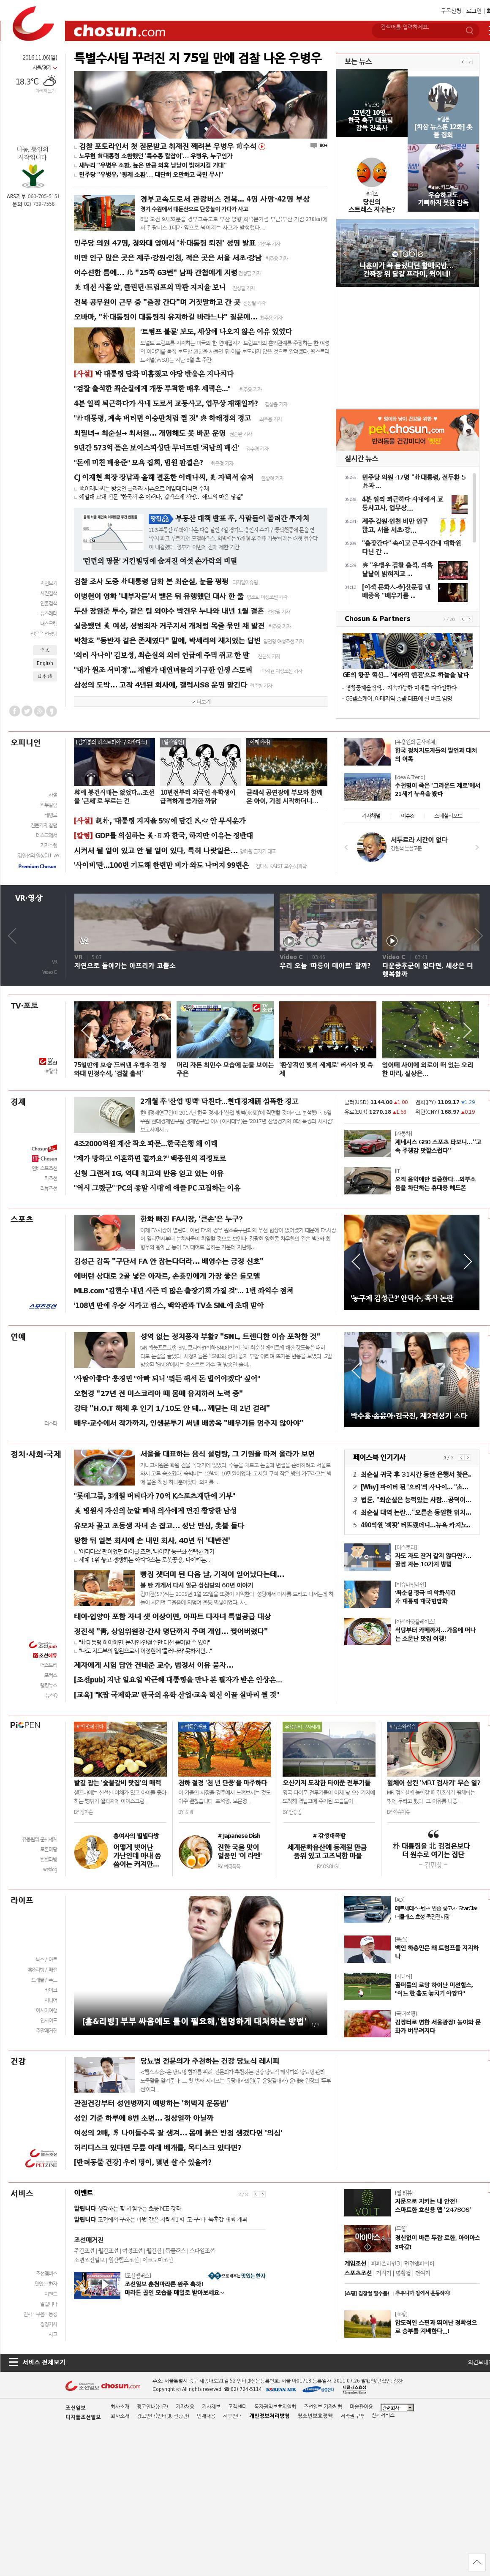 chosun.com at Sunday Nov. 6, 2016, 6:02 a.m. UTC